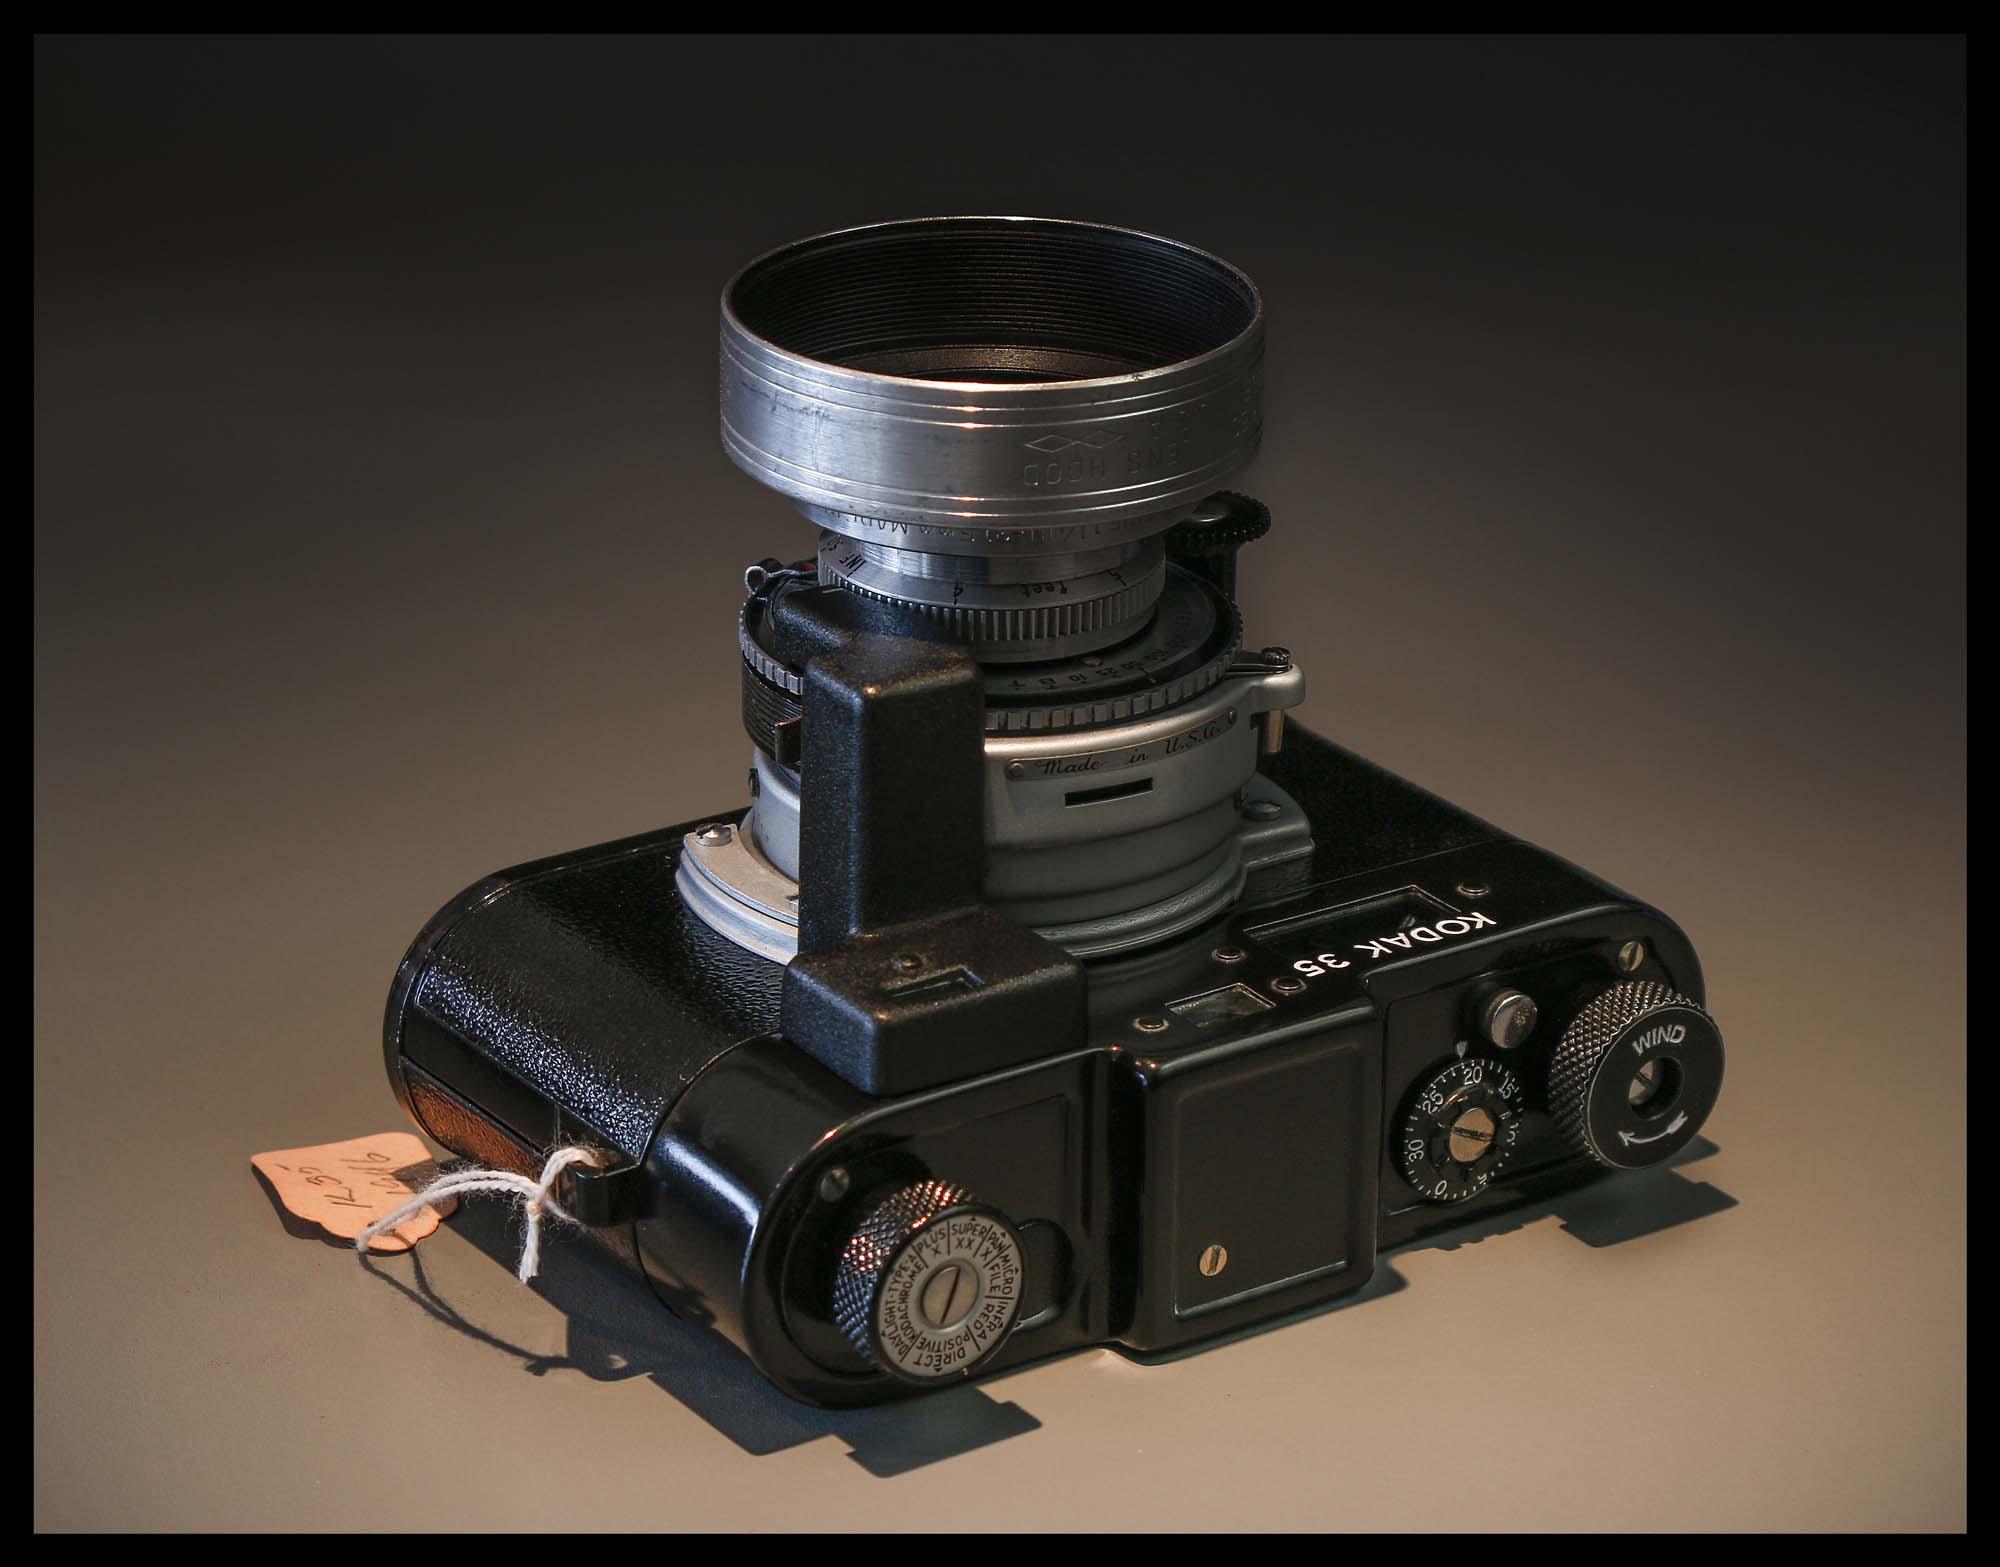 интересные модели пленочных фотоаппаратов район